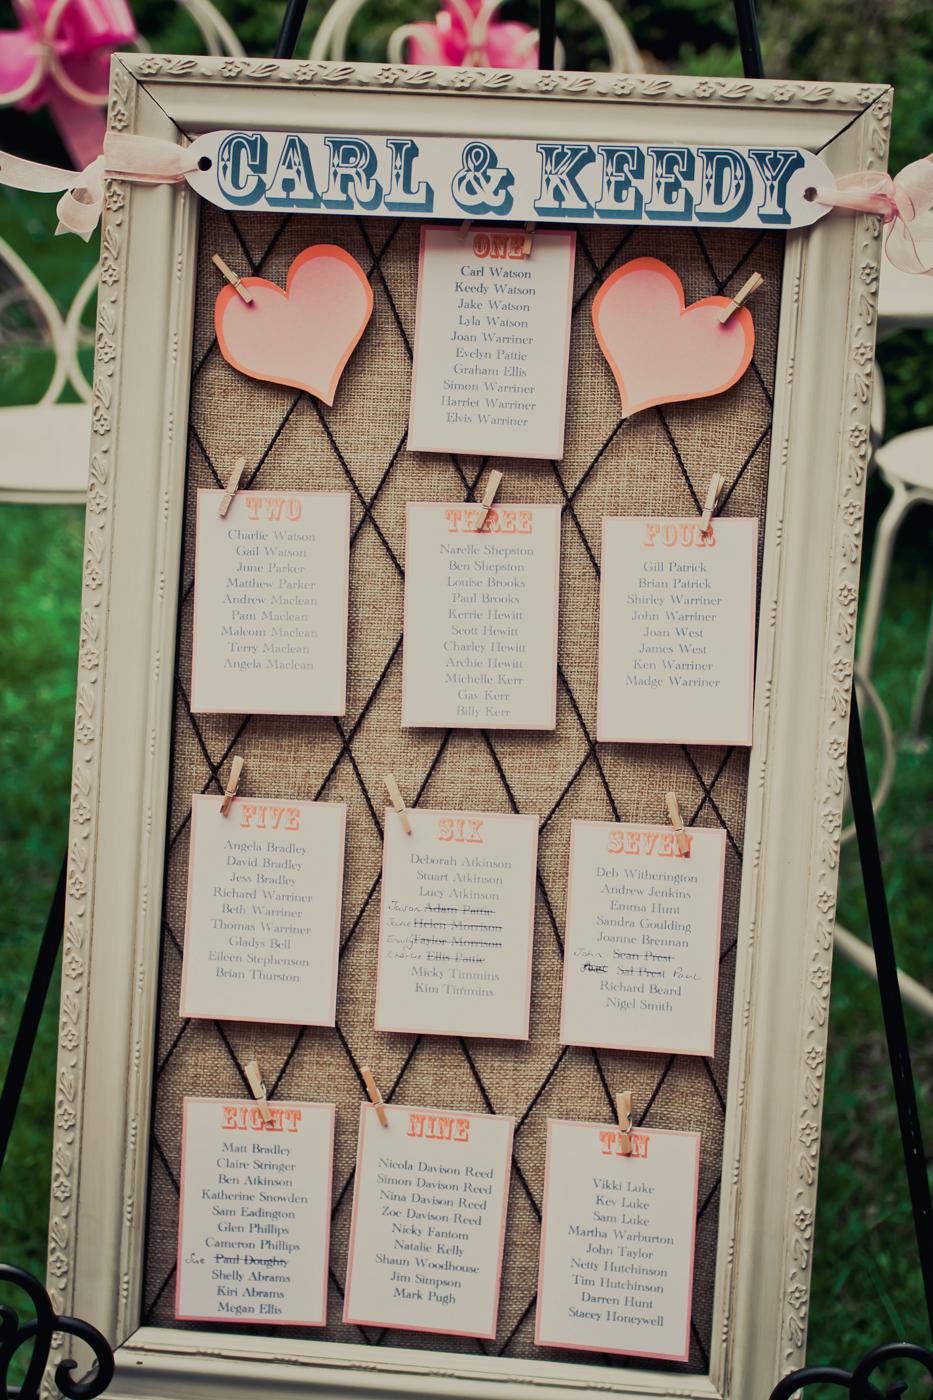 160 Keedy and Carl at The Secret Garden in Retford  - Wedding Photography by Mark Pugh www.markpugh.com_.jpg